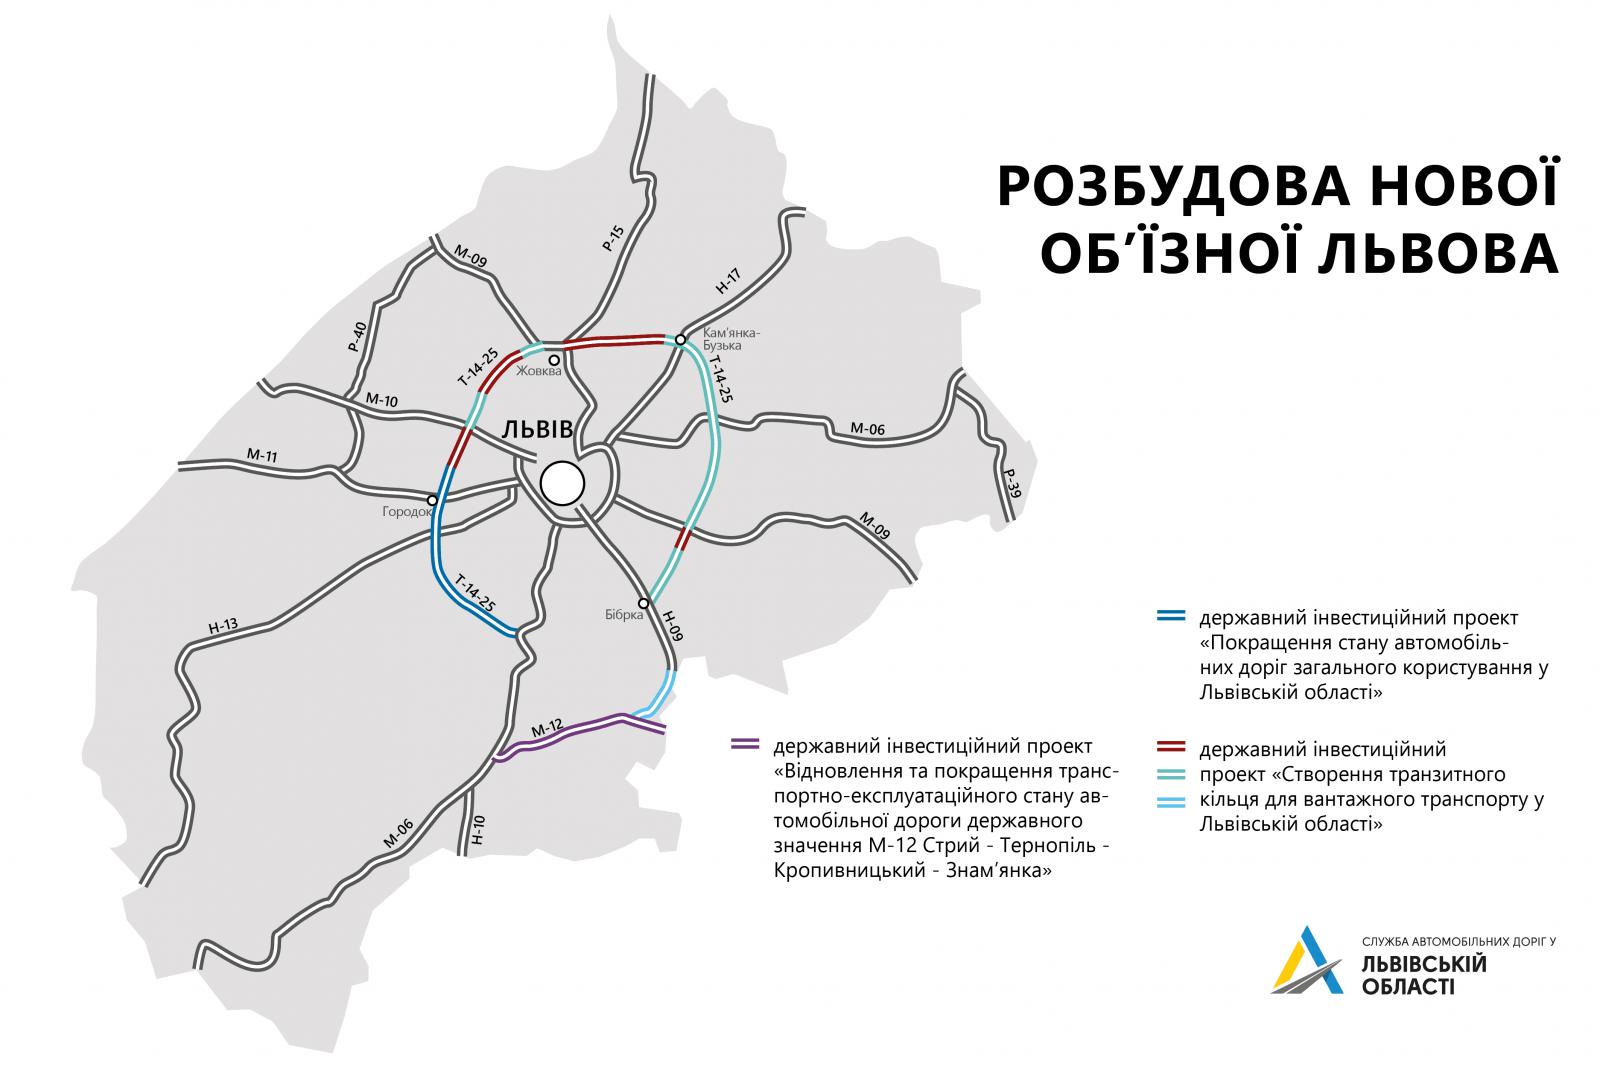 Сучасна об'їзна дорога навколо Львова - стартували дорожні роботи